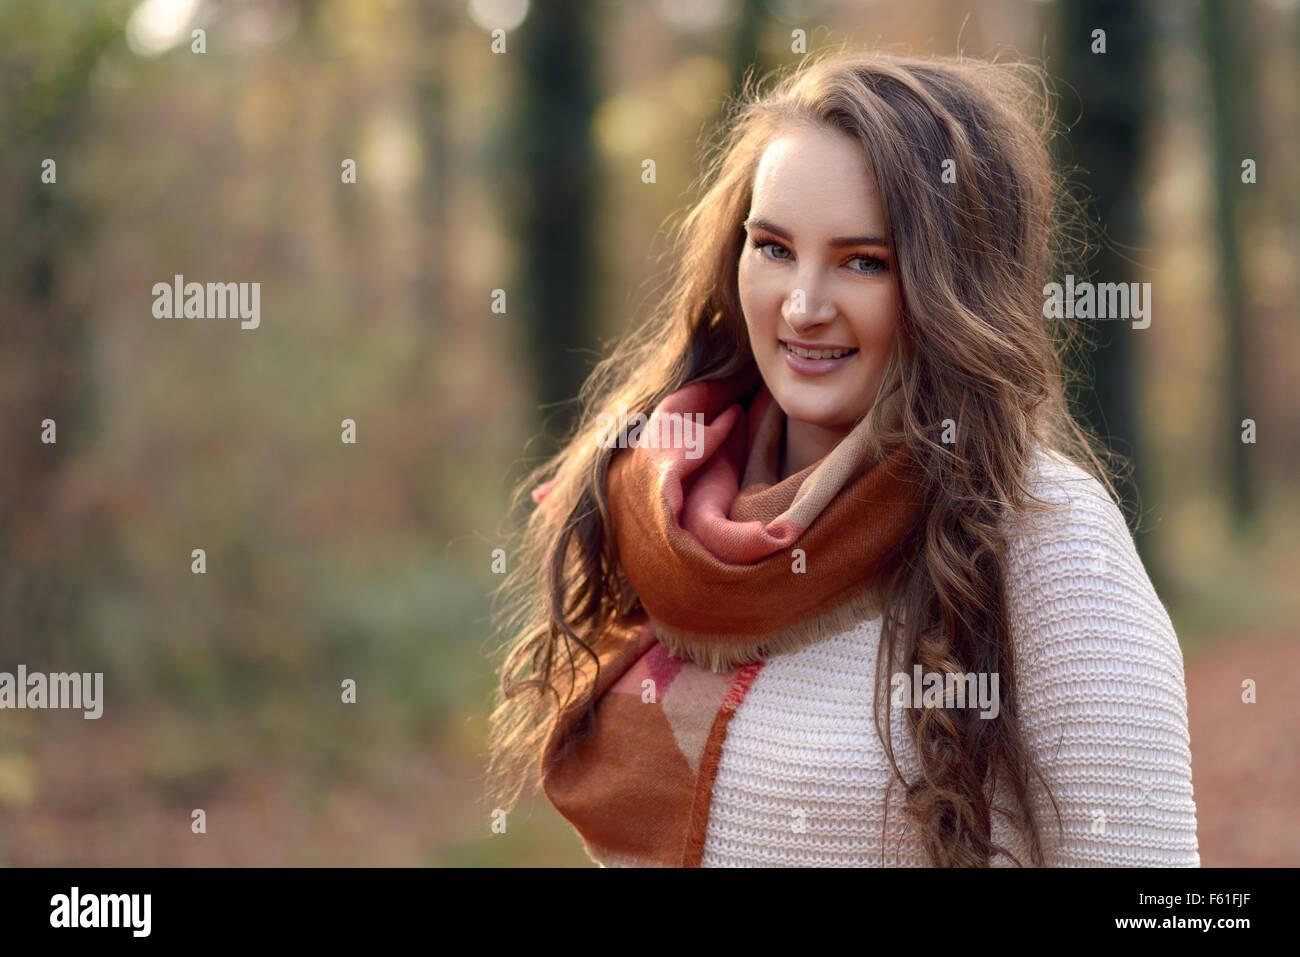 Sehr modische junge Frau im Freien in einem herbstlichen Wald trägt einen schicken Schal über ihr Trikot Stockbild